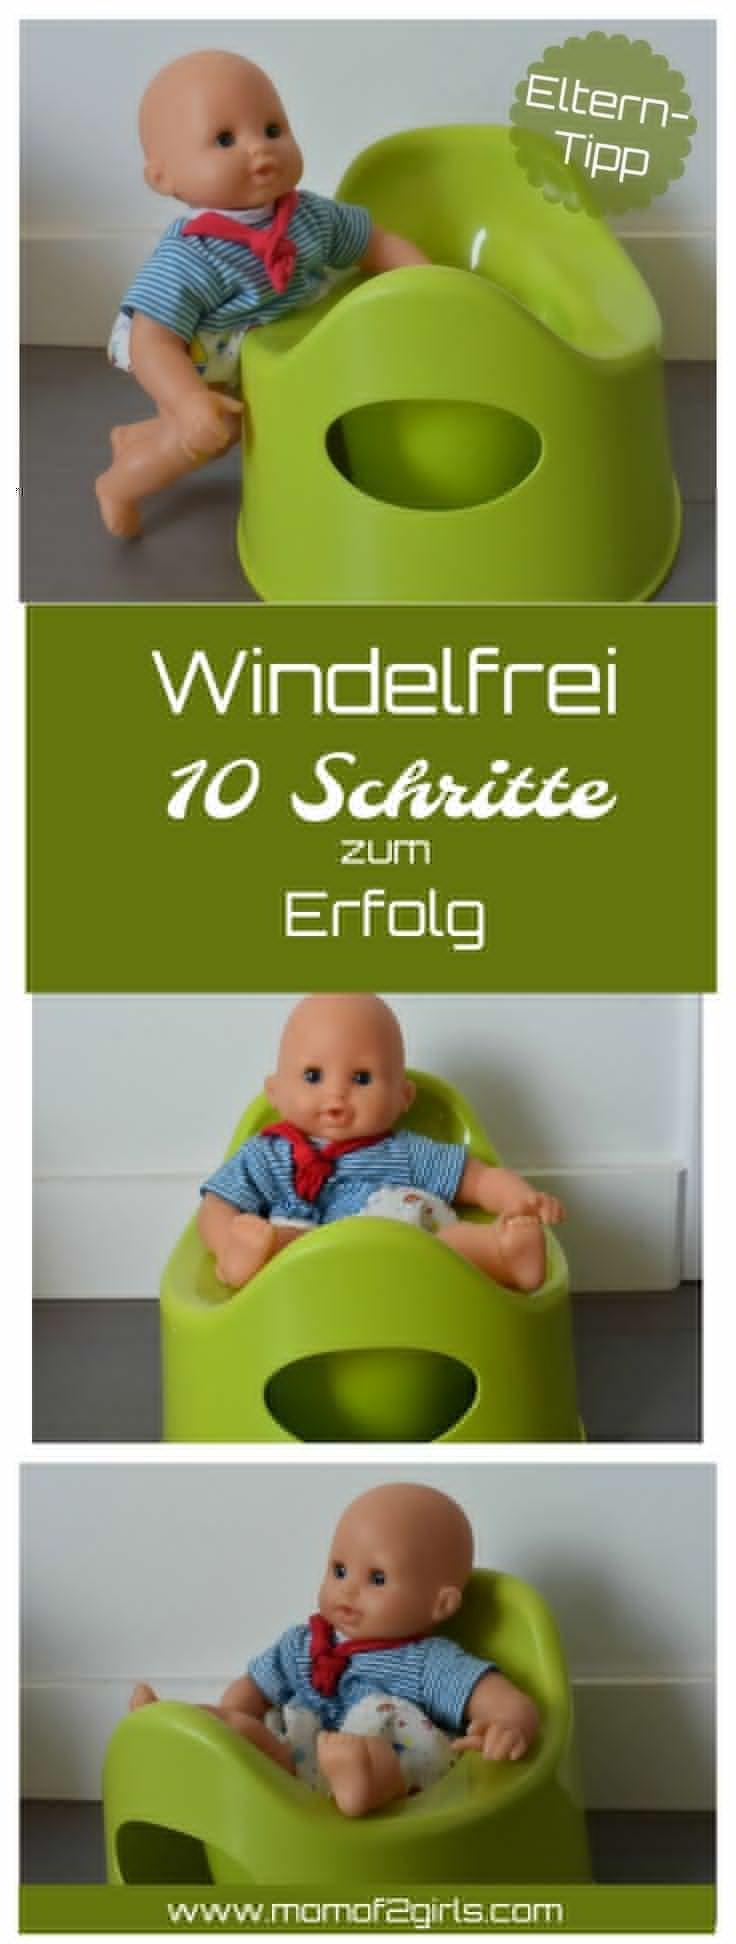 Folge diesen einfachen 10 Schritten und dein Kind wird in 2-3 Tagen erfolgreich … – Sude